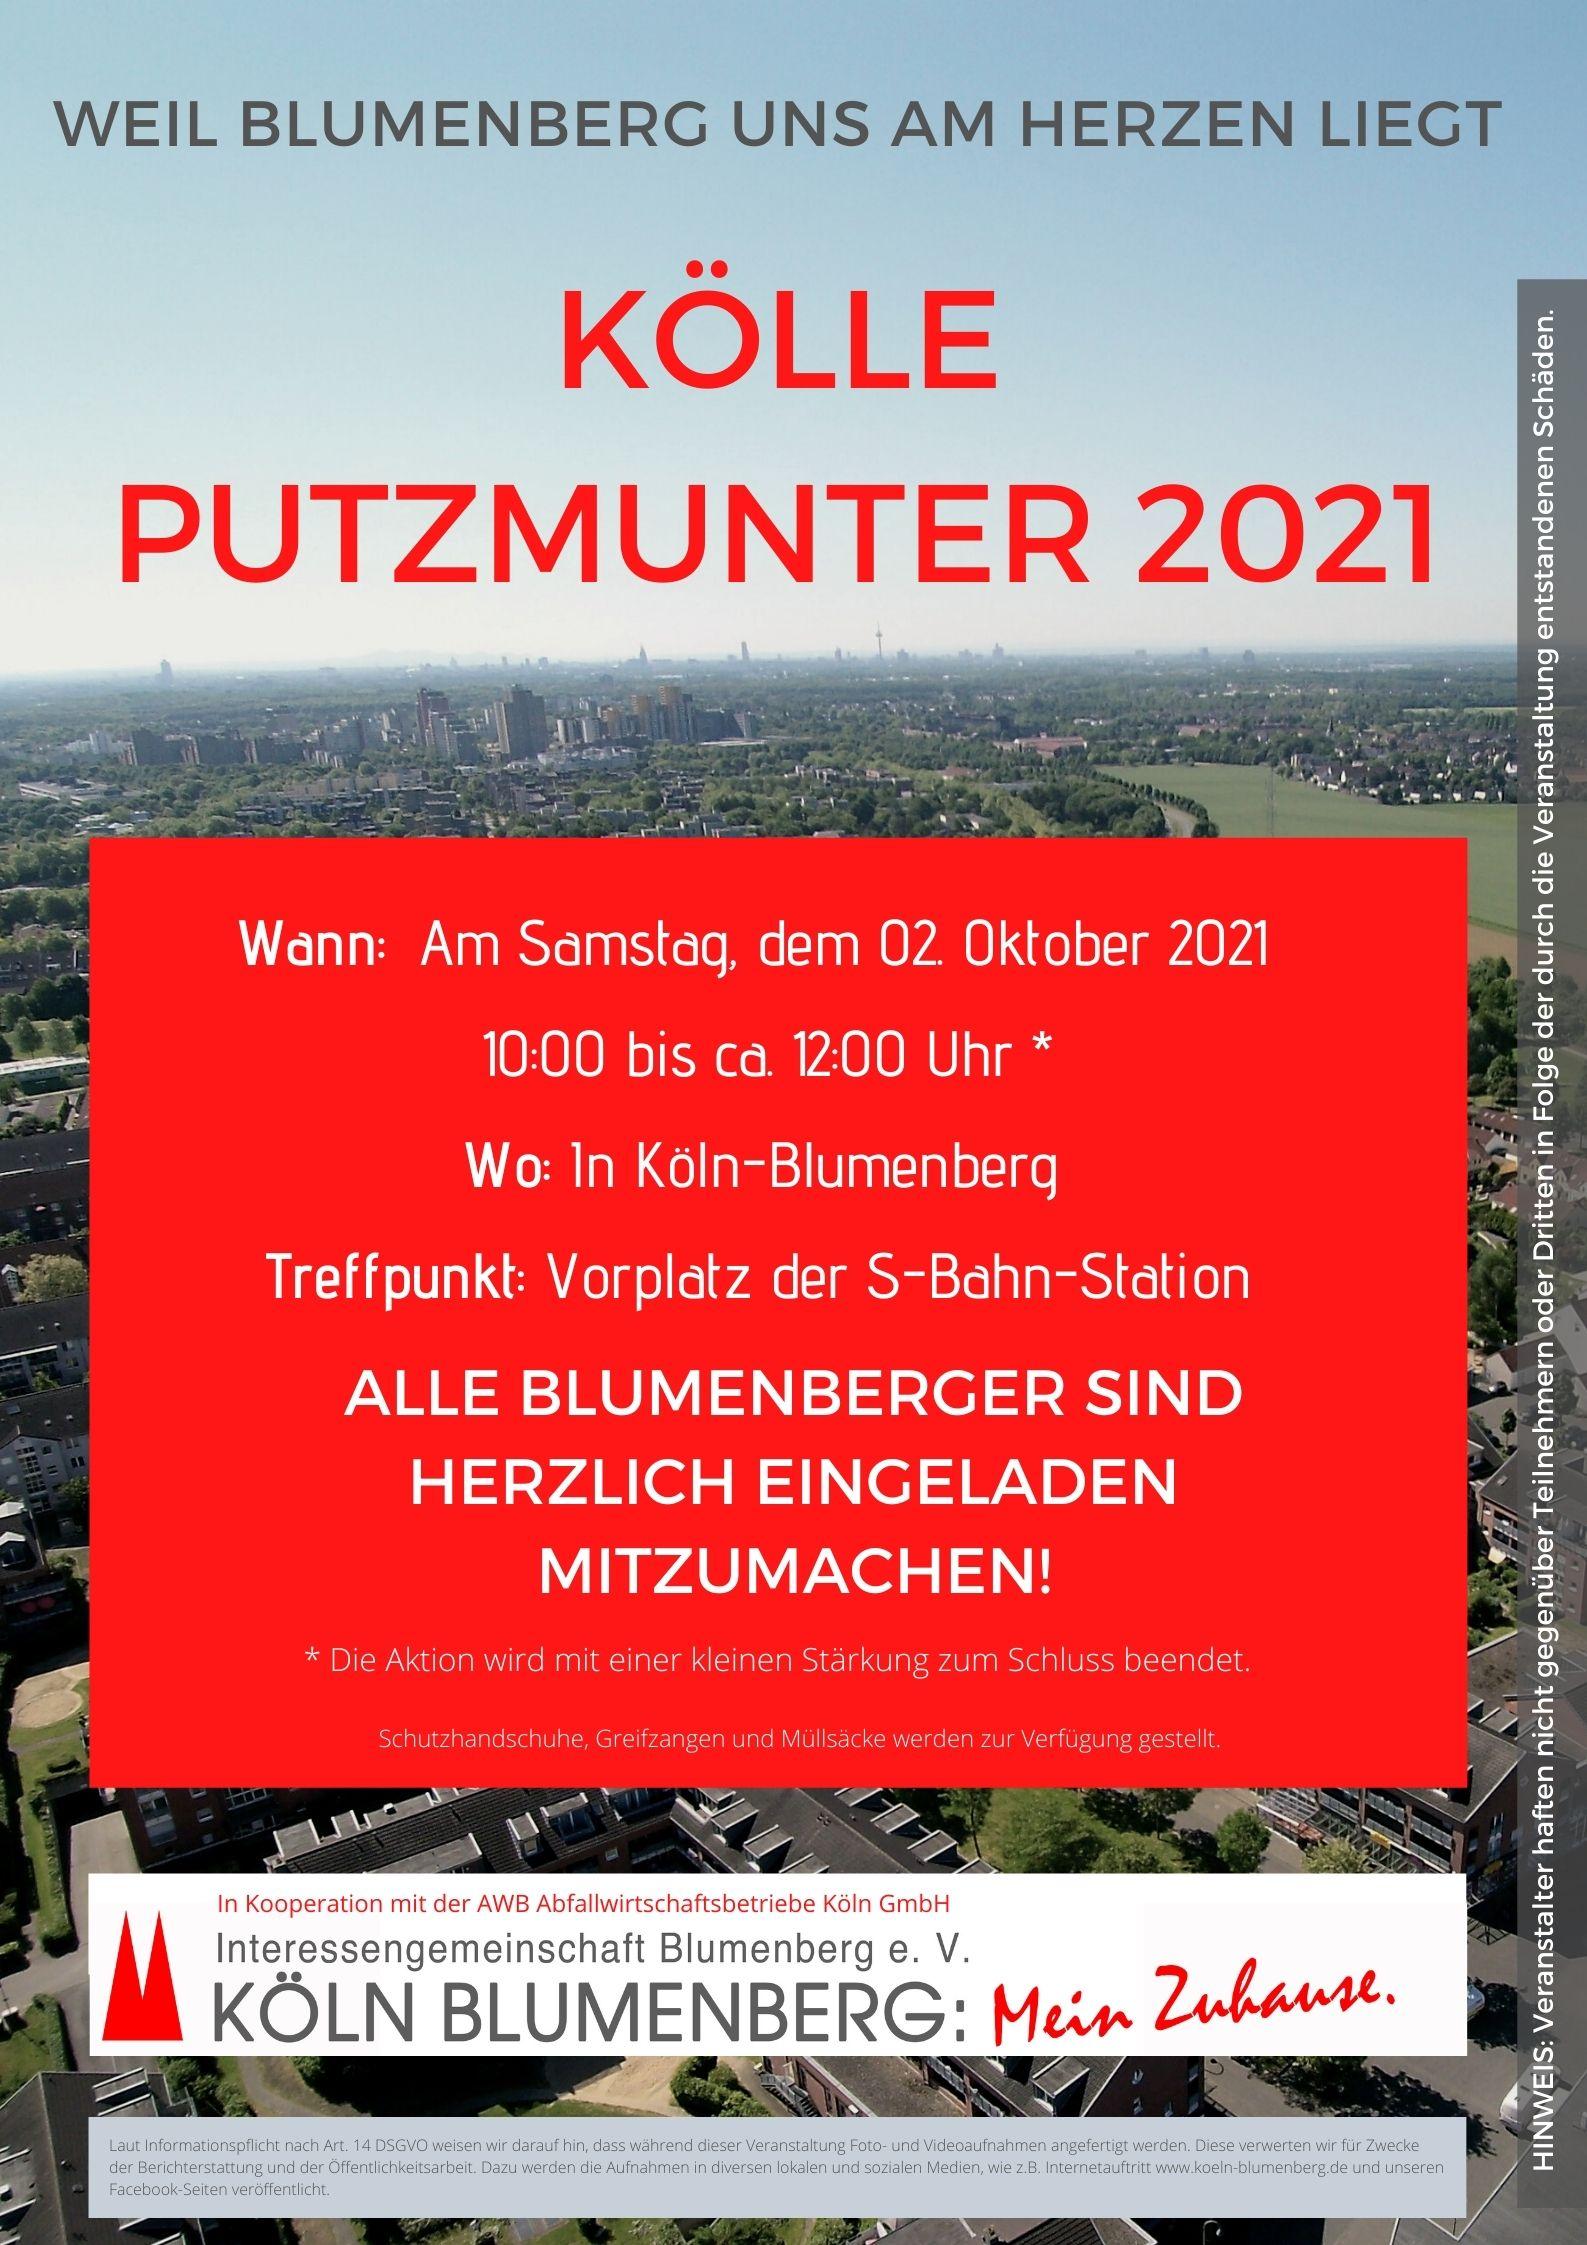 Kölle Putzmunter 2021 in Blumenberg